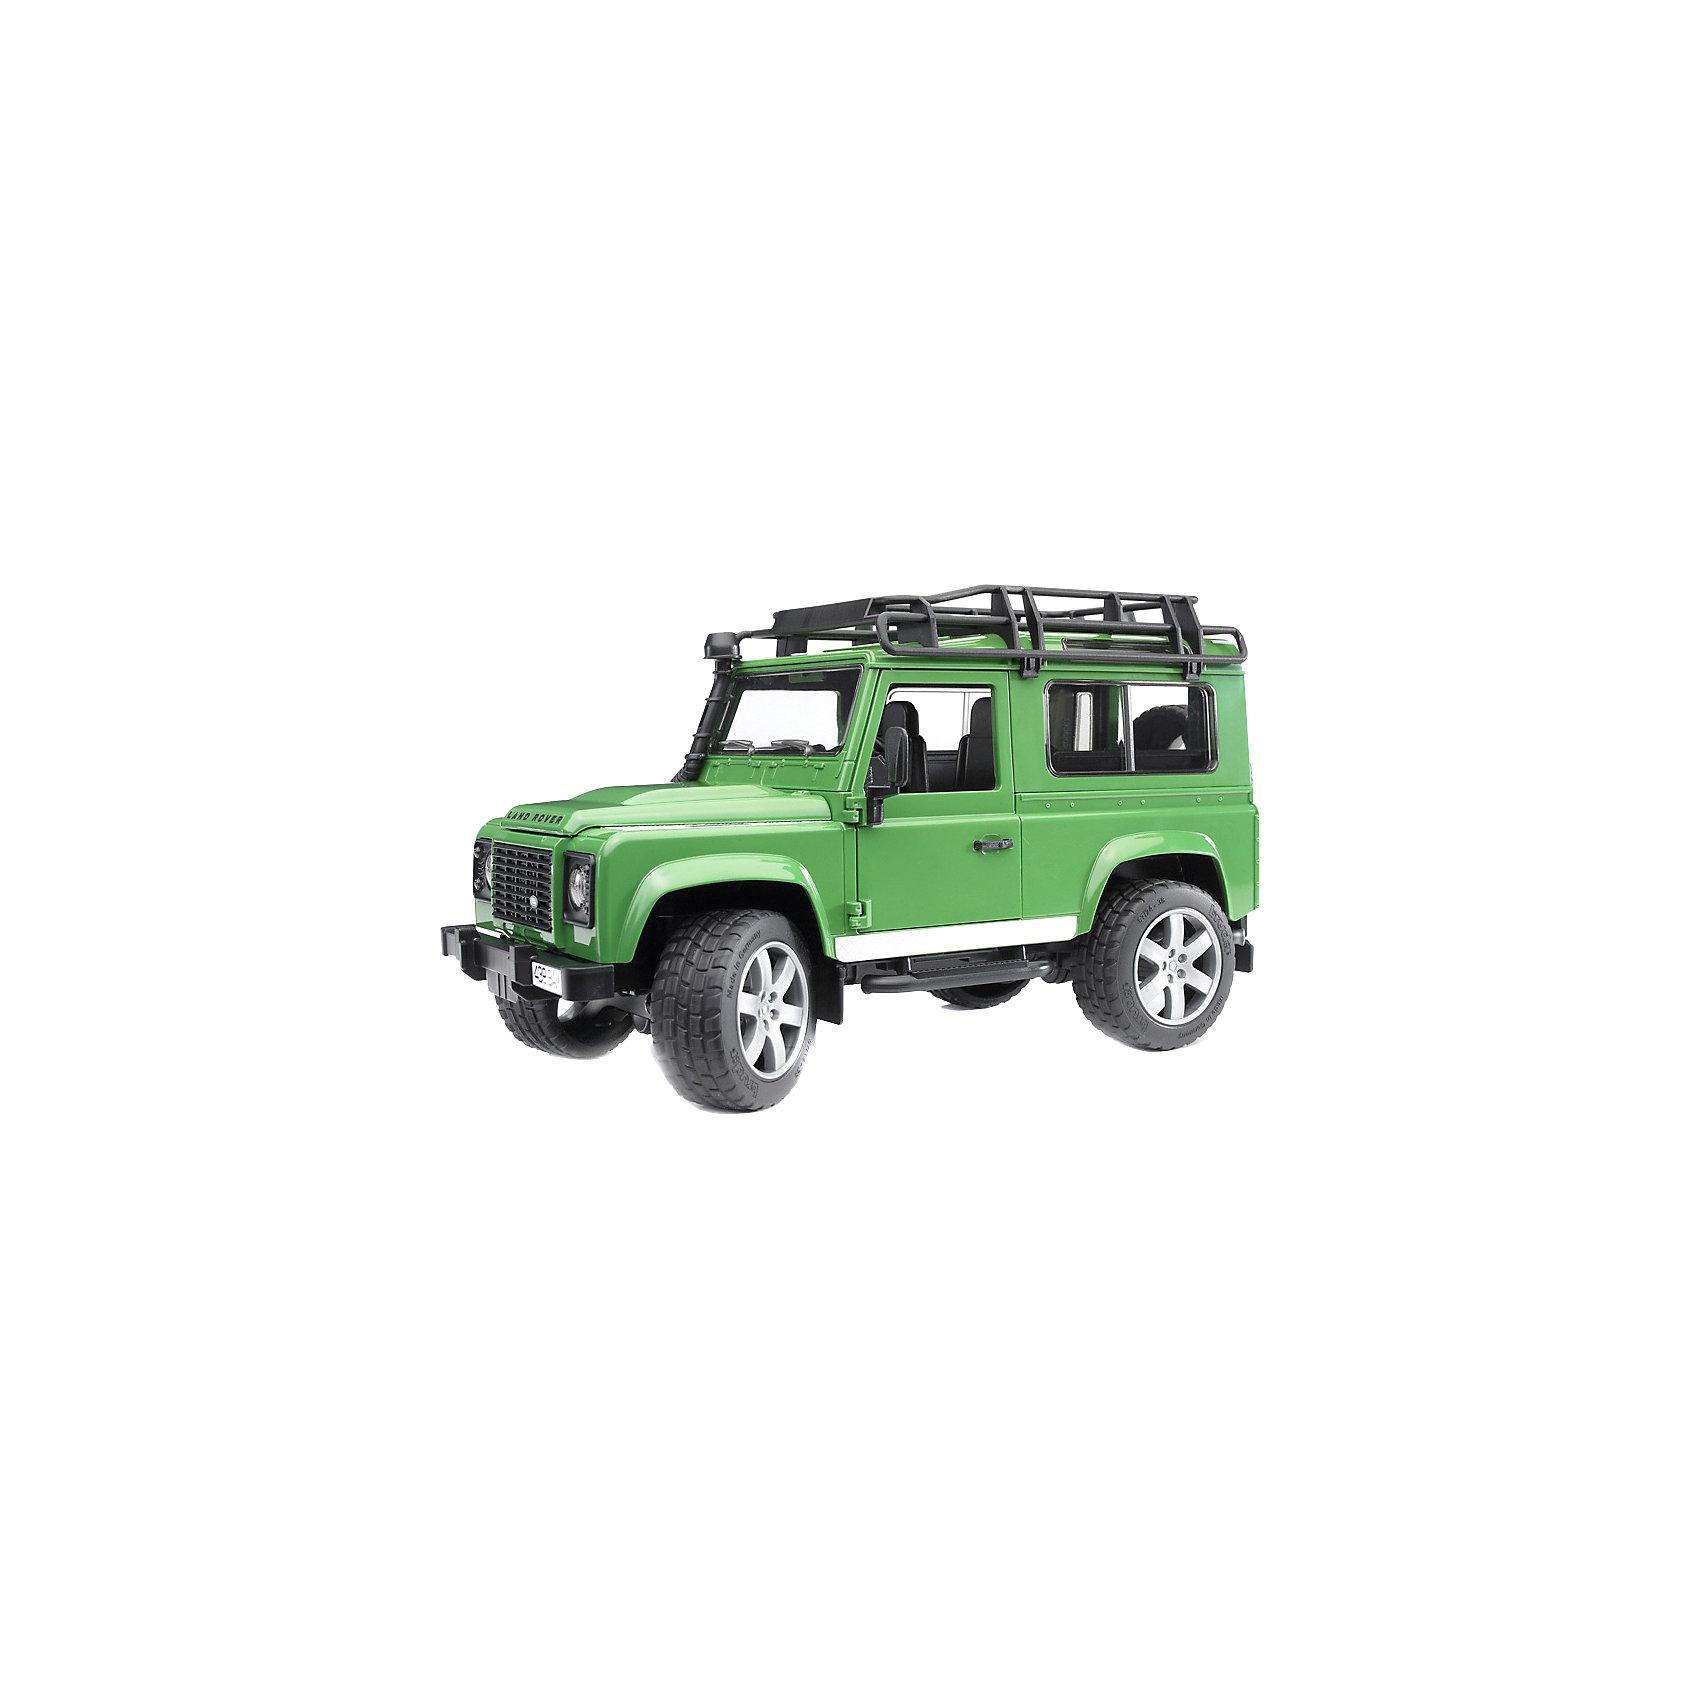 Внедорожник Land Rover DefenderБольшой транспорт от 50 см<br>Внедорожник Land Rover Defender - копия реальной техники в масштабе 1:16.<br><br>Особенности игрушки:<br><br>- Капот двигателя открывается и закрепляется на поддерживающей стойке. В закрытом положении плотно фиксируется защёлками.<br>- Передние двери и задний борт машины открываются, есть запасное колесо. <br>- При необходимости перевозки груза, снимаются задние сидения.<br>- Вращая руль в кабине, можно управлять передними колесами – при его повороте колёса заворачивают и машина движется в нужную сторону.<br>- Протекторы шин имеют четкий рельеф и не гремят при езде.<br>- Лебедка в комплект не входит.<br><br>Дополнительная информация:<br><br>- Материал: пластмасса.<br>- Размеры упаковки: 16 х 38 х 16,5 см.<br>- Вес: 780 гр.<br><br>Внедорожник Land Rover Defender от Bruder (Брудер) можно купить в нашем магазине.<br><br>Ширина мм: 384<br>Глубина мм: 159<br>Высота мм: 185<br>Вес г: 793<br>Возраст от месяцев: 36<br>Возраст до месяцев: 96<br>Пол: Мужской<br>Возраст: Детский<br>SKU: 2238045